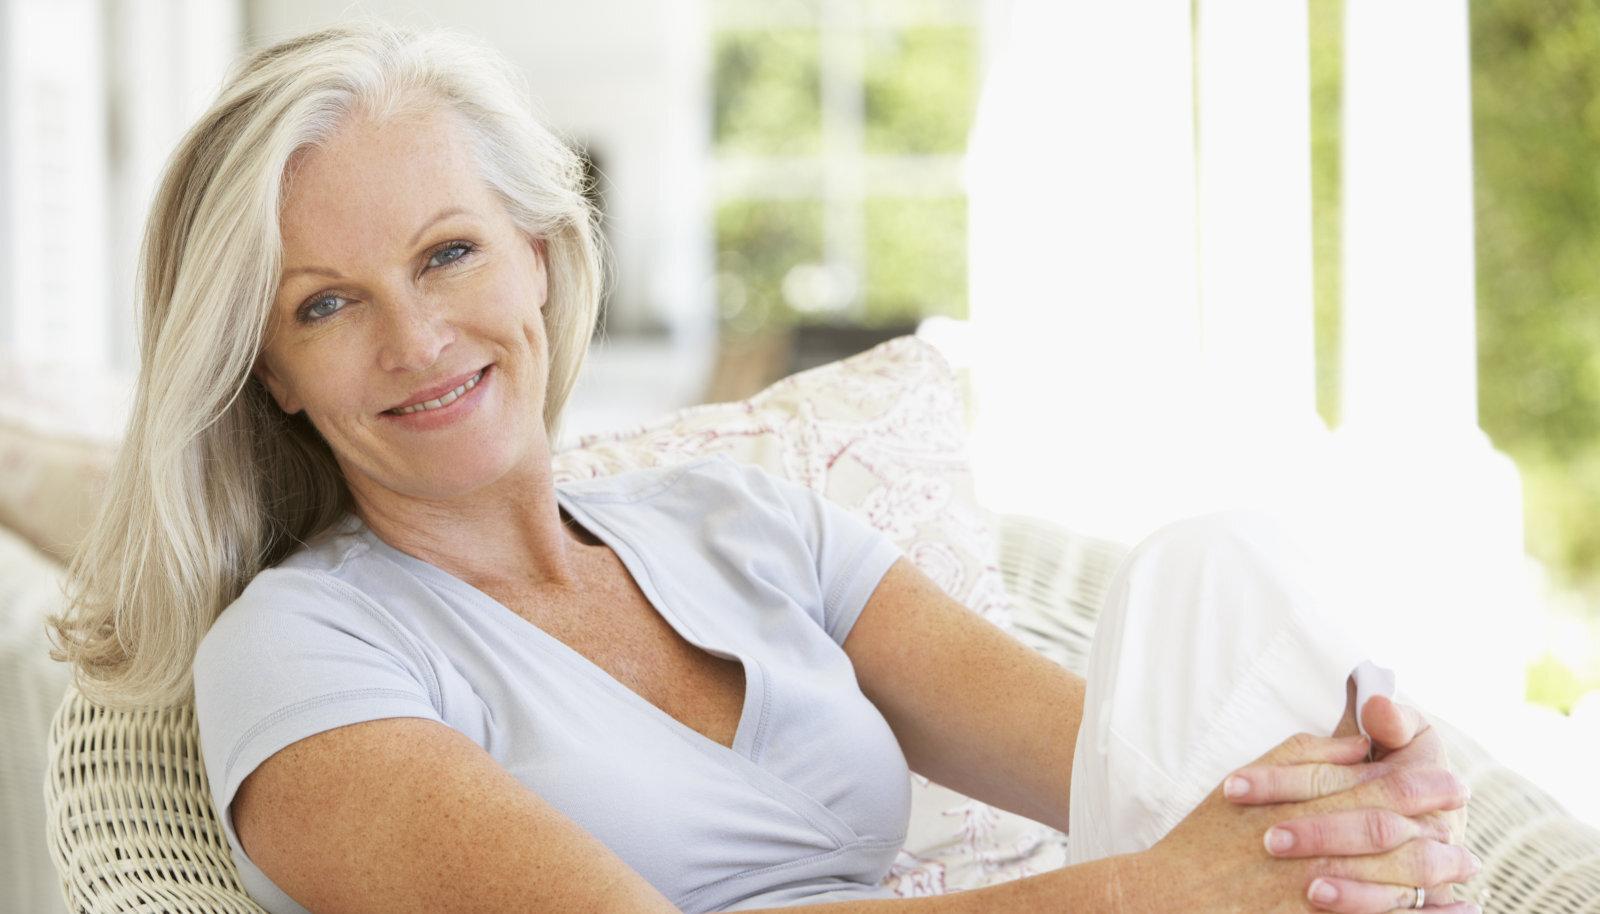 Enamasti pole vananemise peatamise küsimus selles, et elada saja-aastaseks, vaid pigem, et elada võimalikult kaua täisväärtuslikku elu.